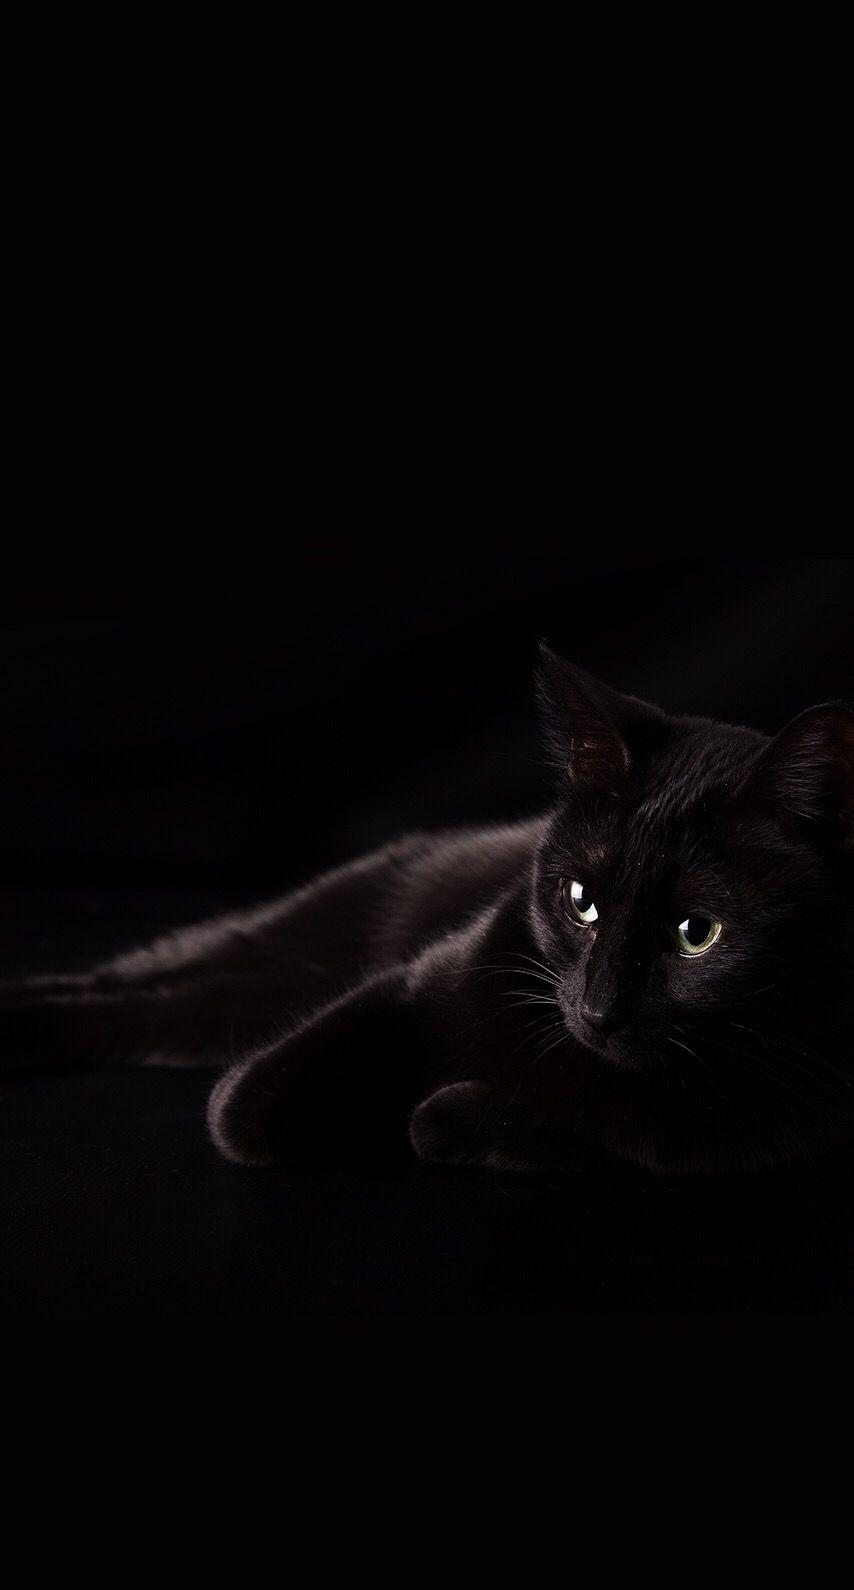 Pin De Miriam Armenta En Kittens Gatos Bonitos Gatos Kawaii